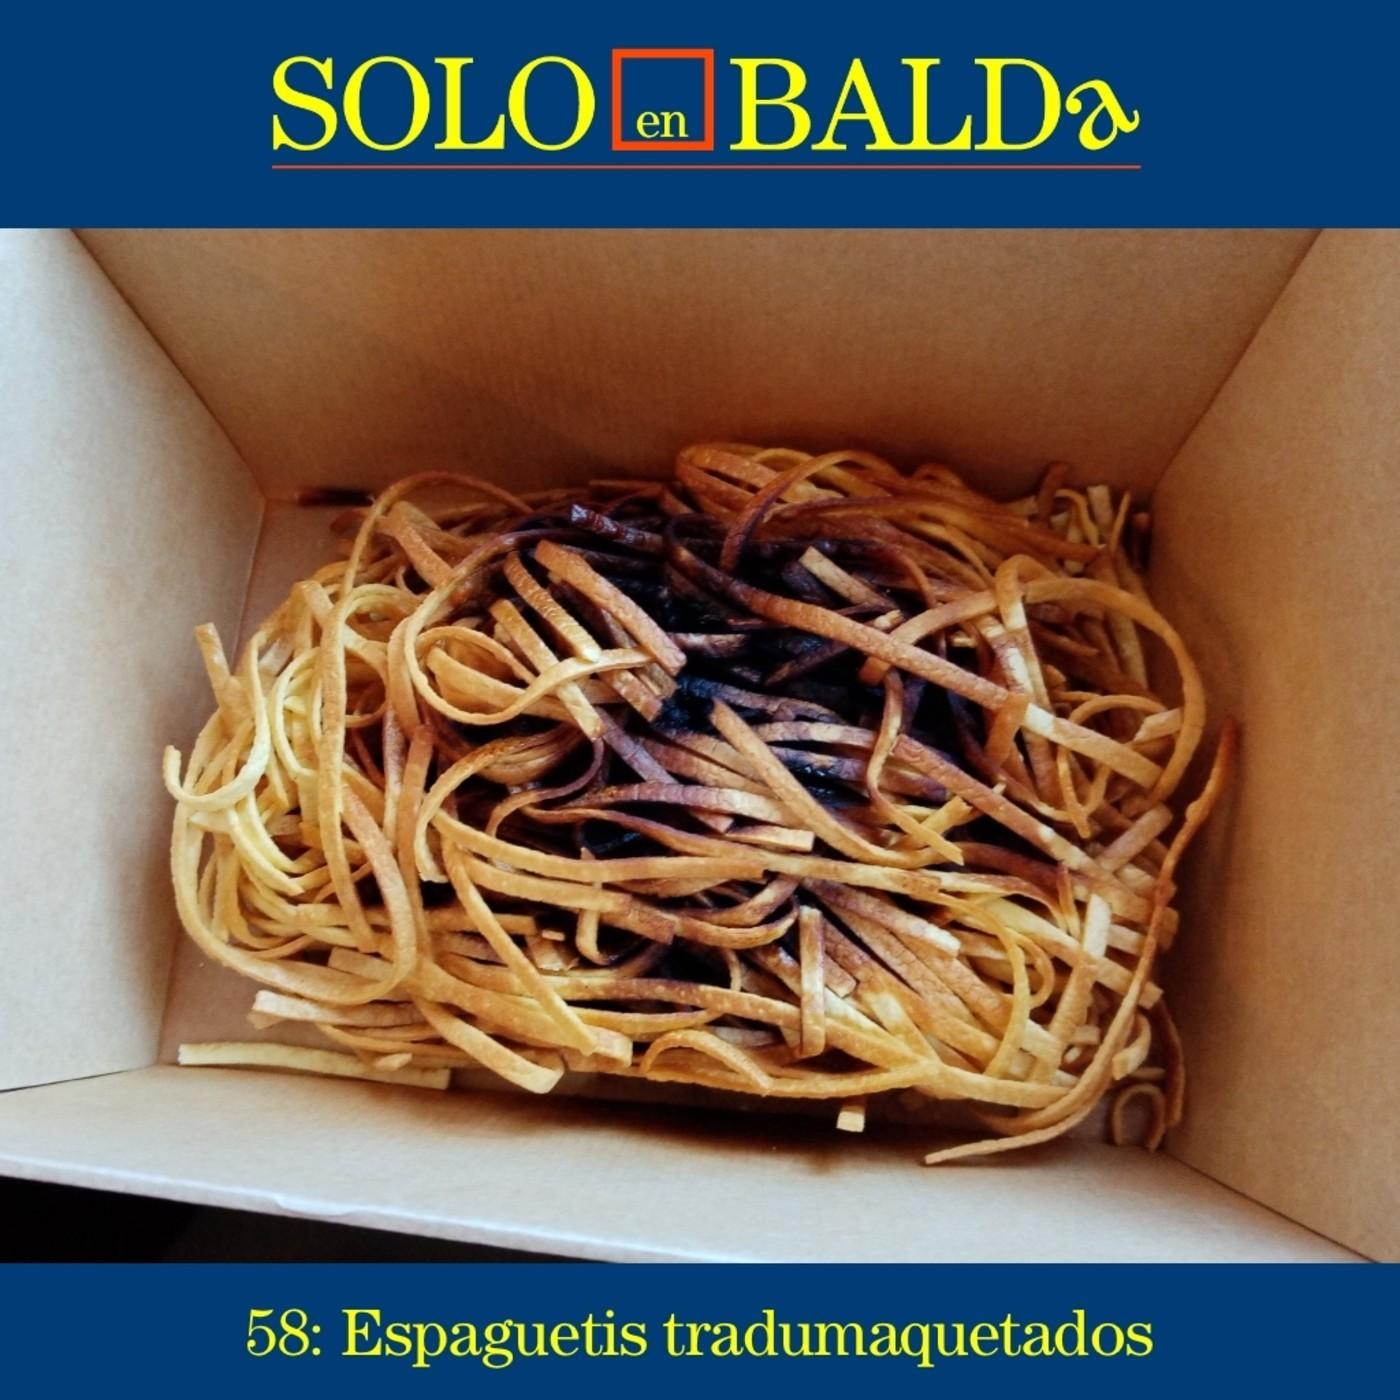 58: Espaguetis tradumaquetados